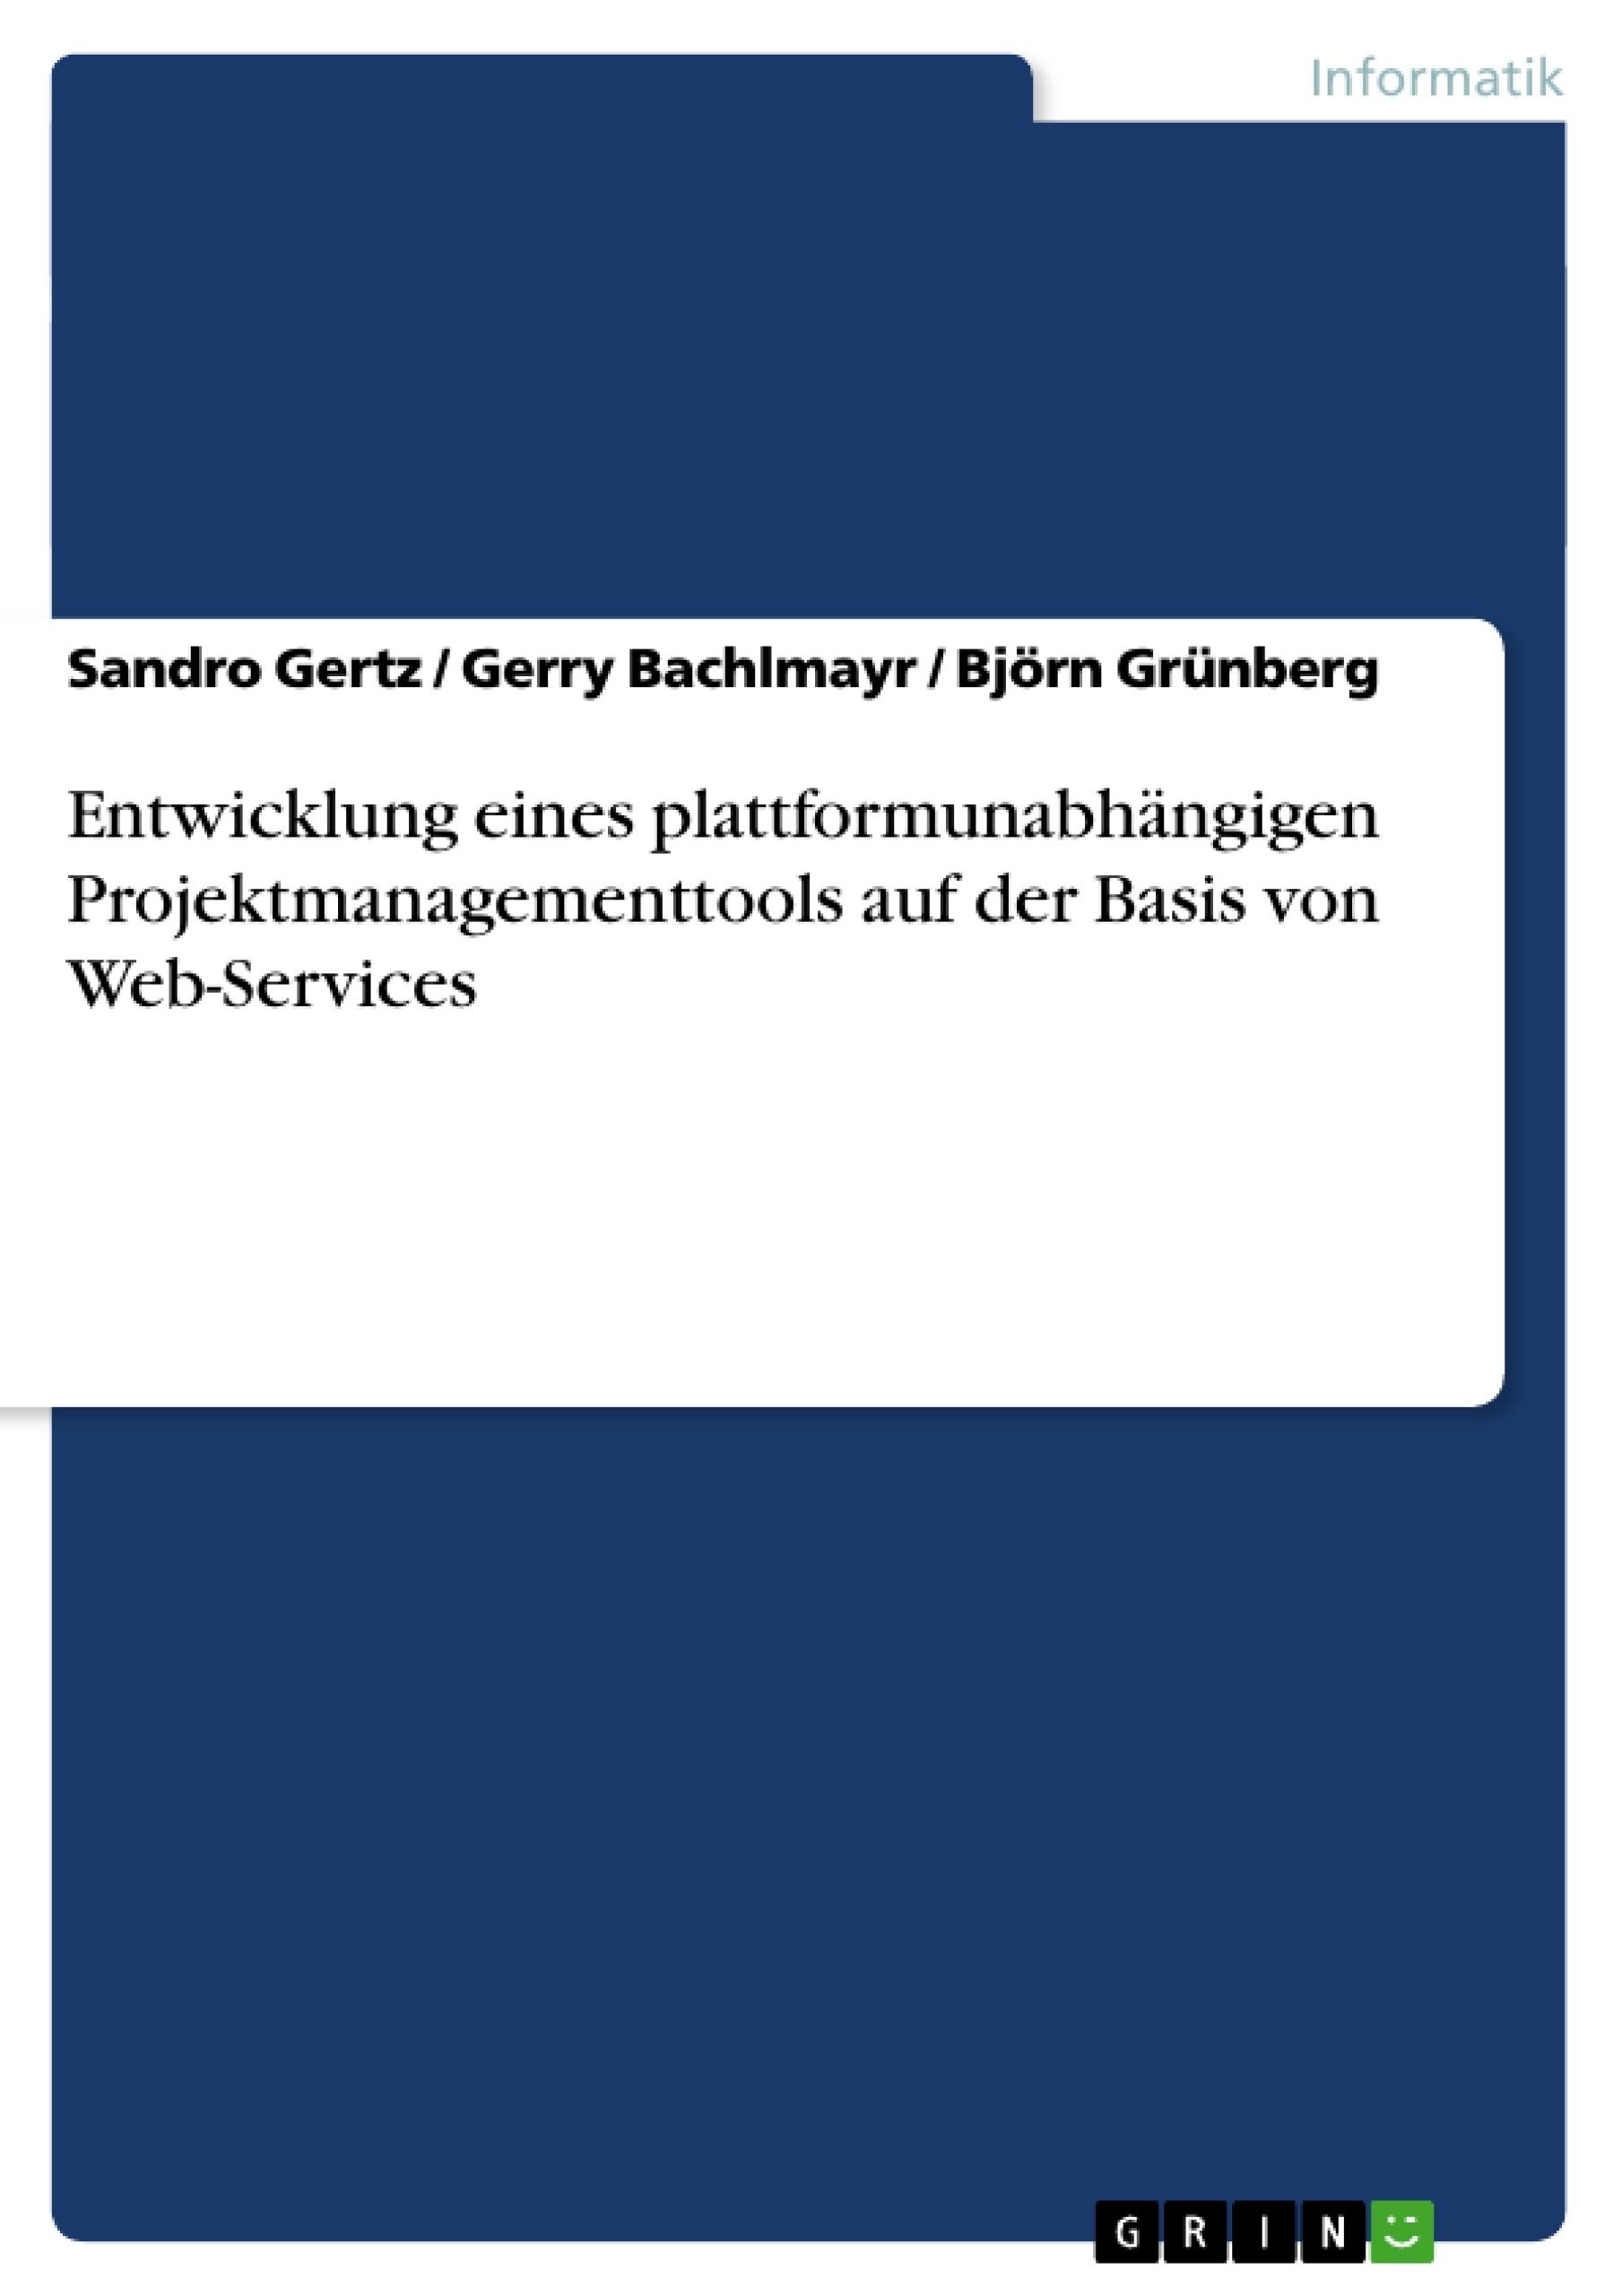 Titel: Entwicklung eines plattformunabhängigen Projektmanagementtools auf der Basis von Web-Services